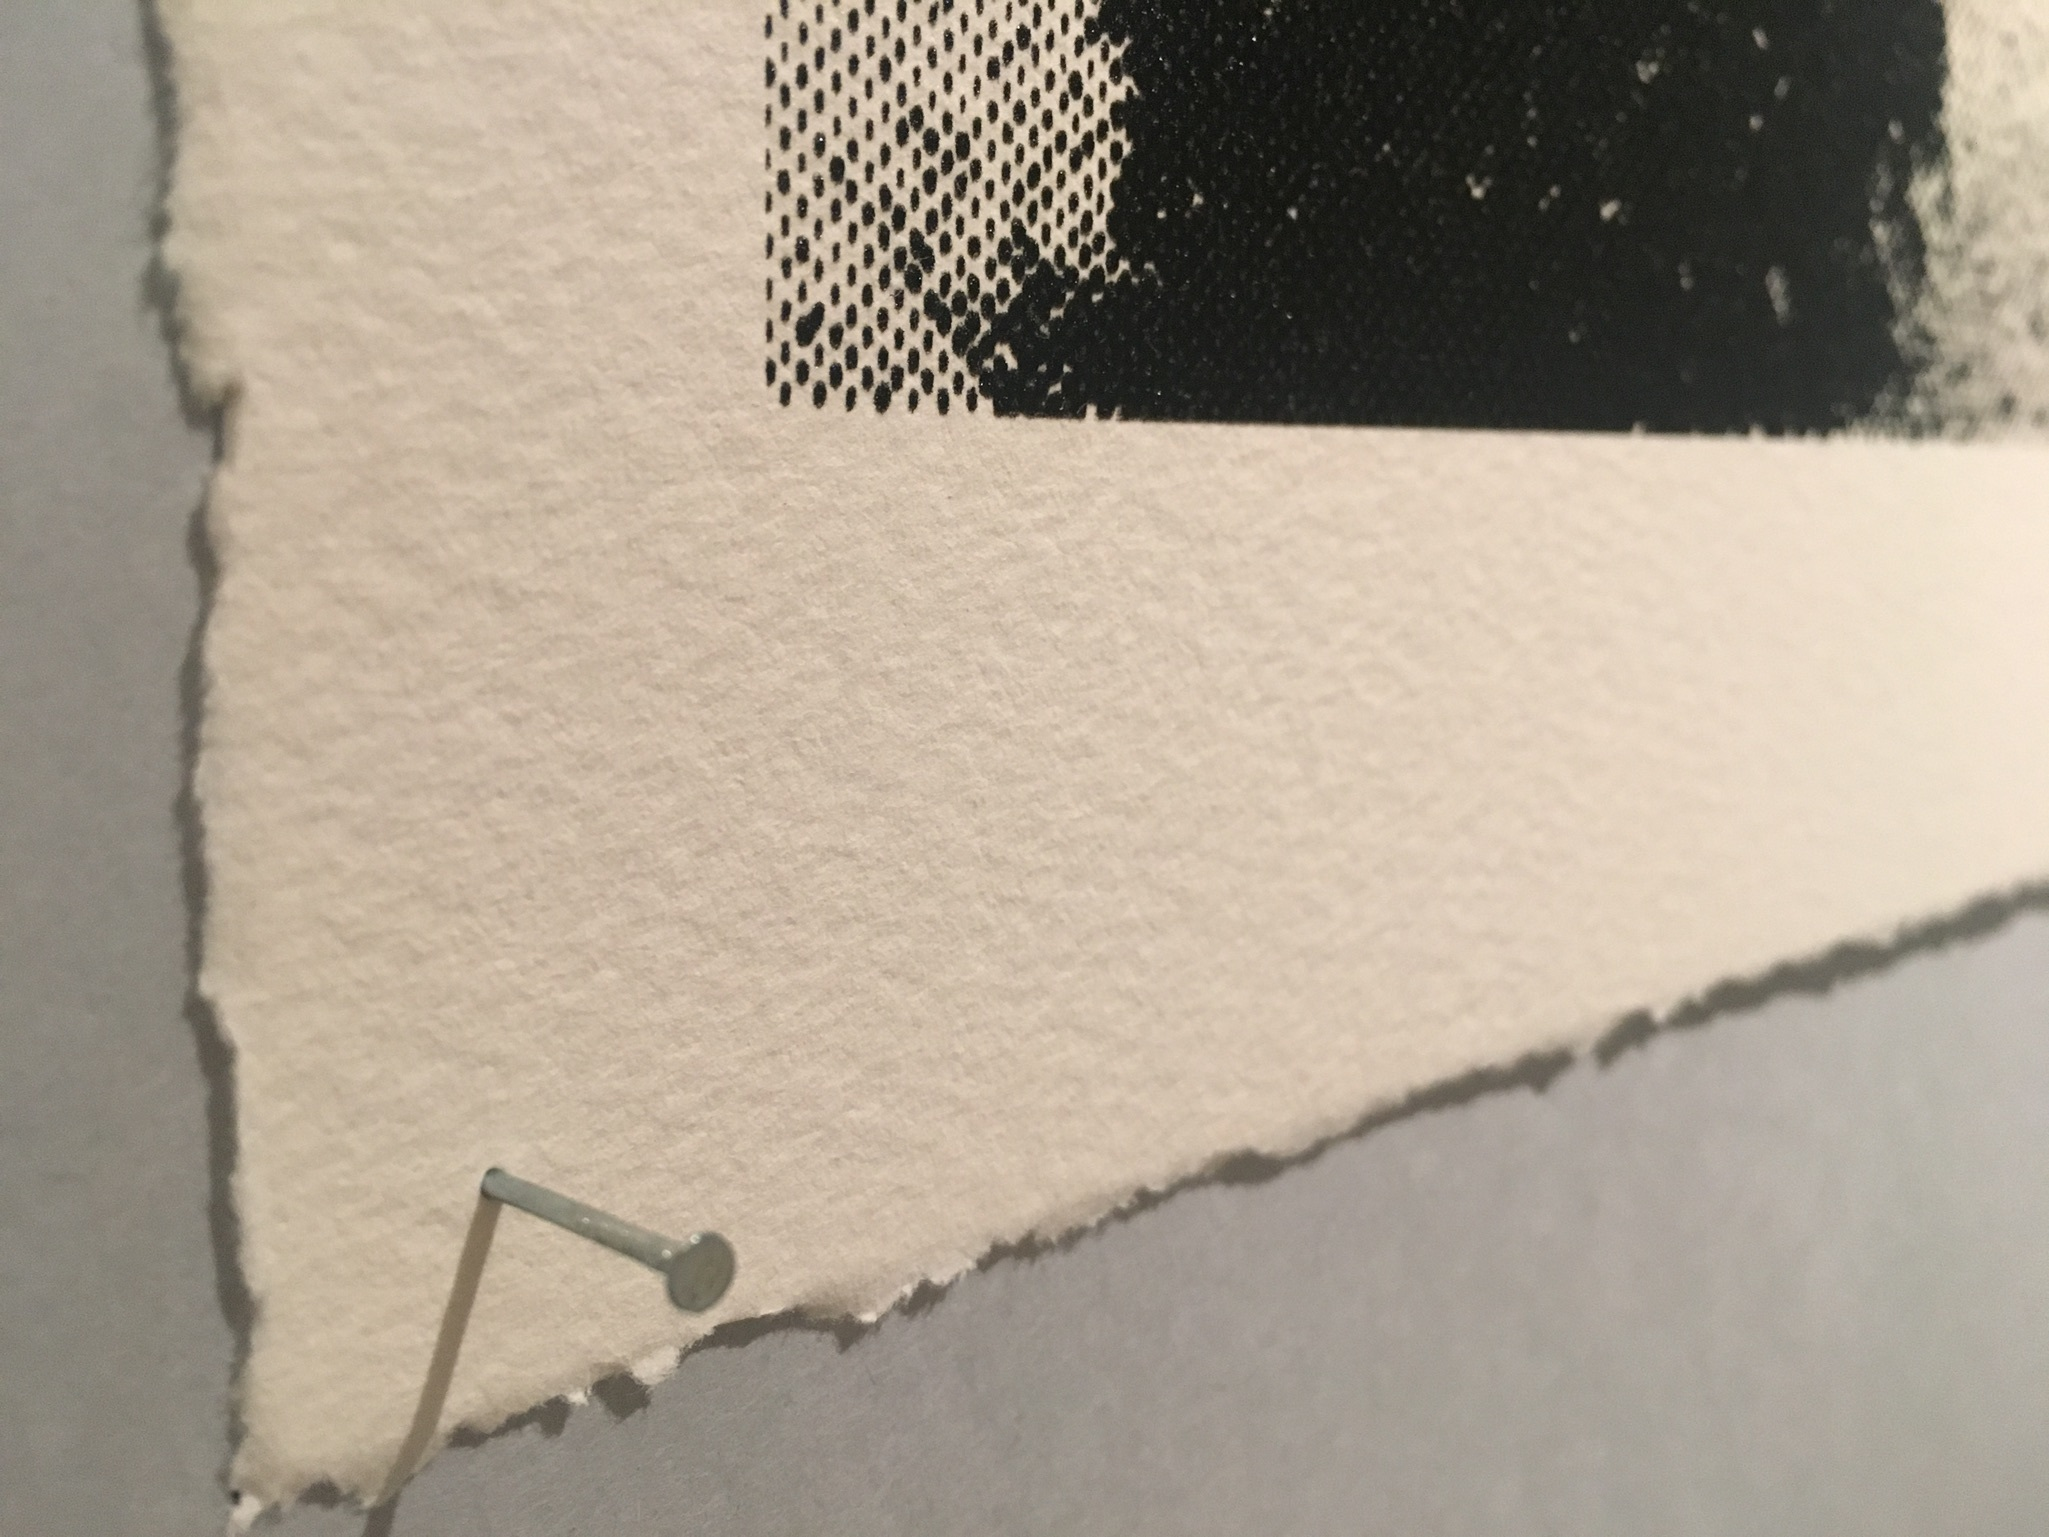 ピンで留めるだけのシンプルな展示 紙もかなり厚め